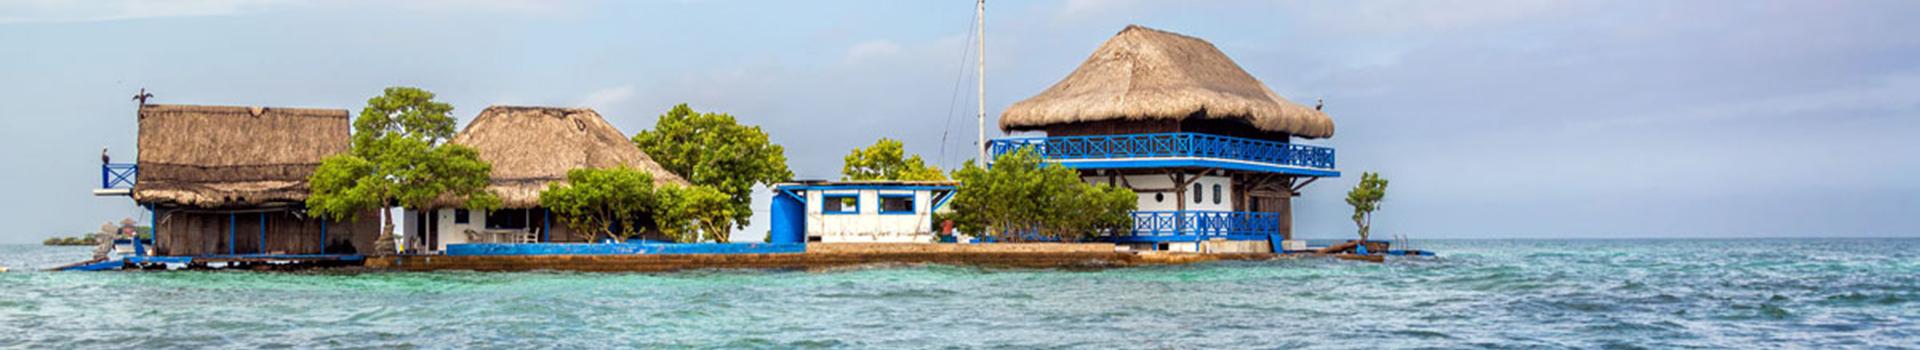 Islas-Rosario-21